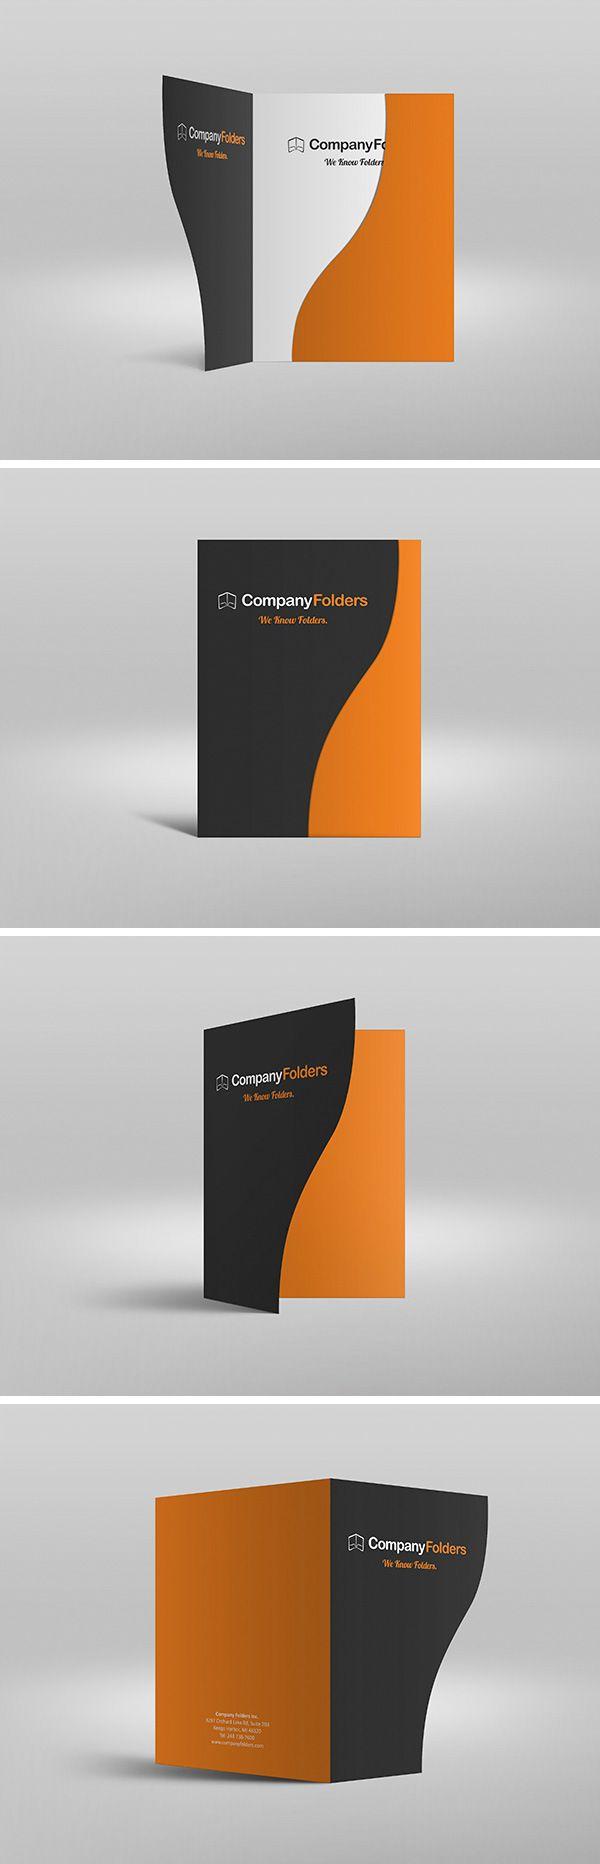 Serpentine Presentation Folder Mockup Design Pinterest